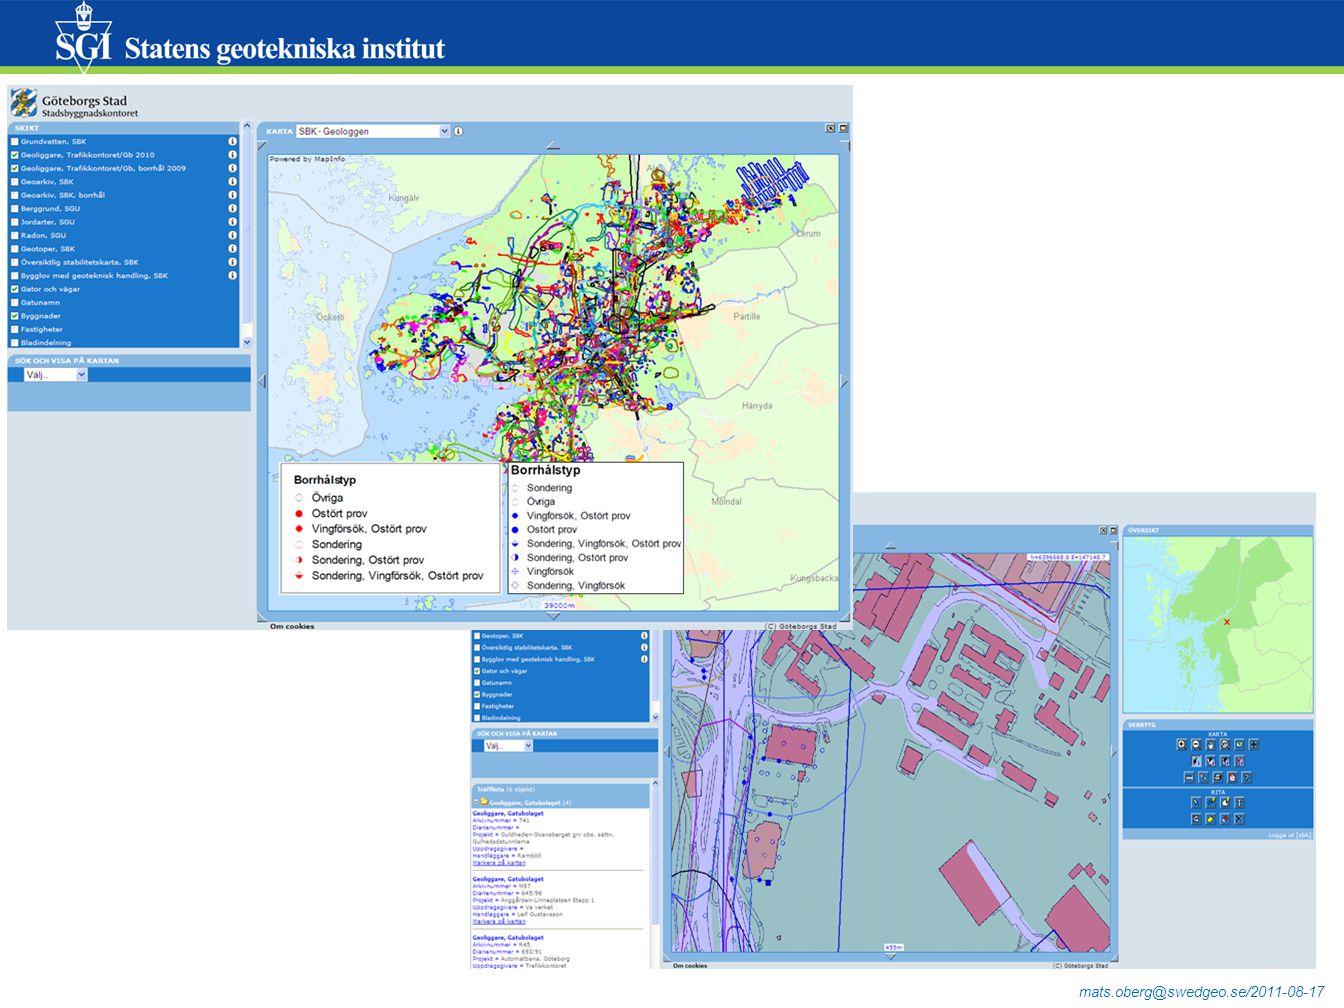 mats.oberg@swedgeo.se/2011-08-17 Från GeoSuite till databaslagring (och WMS) - exempel pågående utveckling Trafikverket Leverantörerna av data (konsulter) ska kunna hantera stora delar av processen på egen hand.